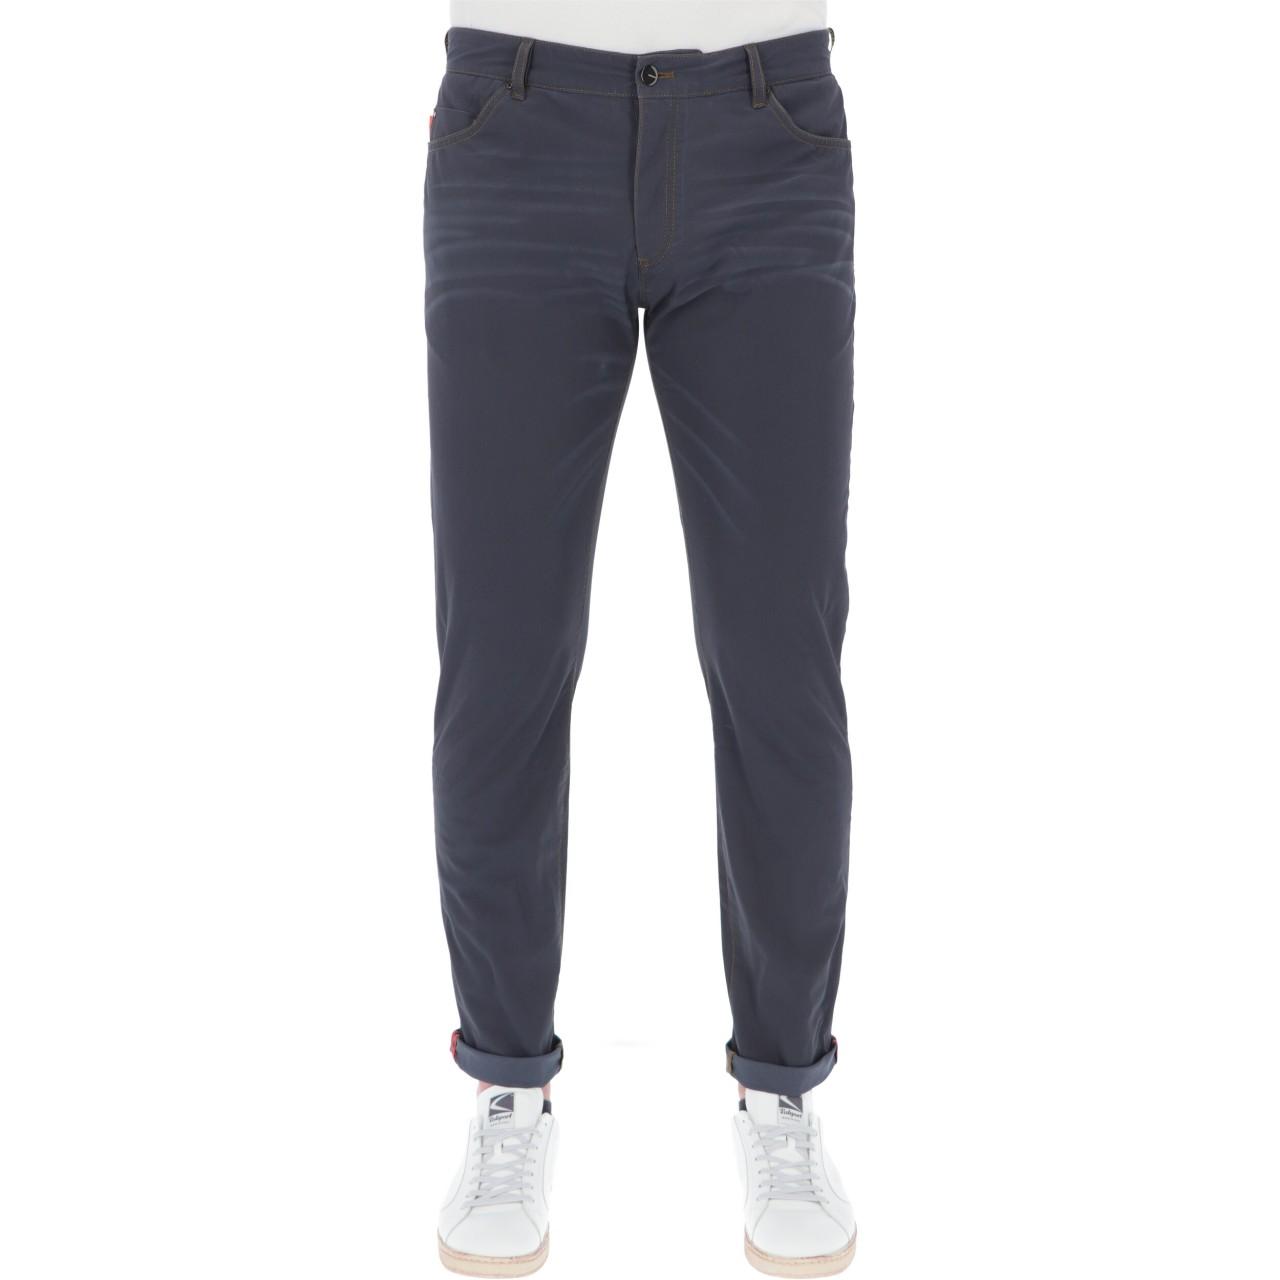 Rrd Uomo Pantalone Roberto Ricci Design Uomo Techno Indaco Rrd 21223P